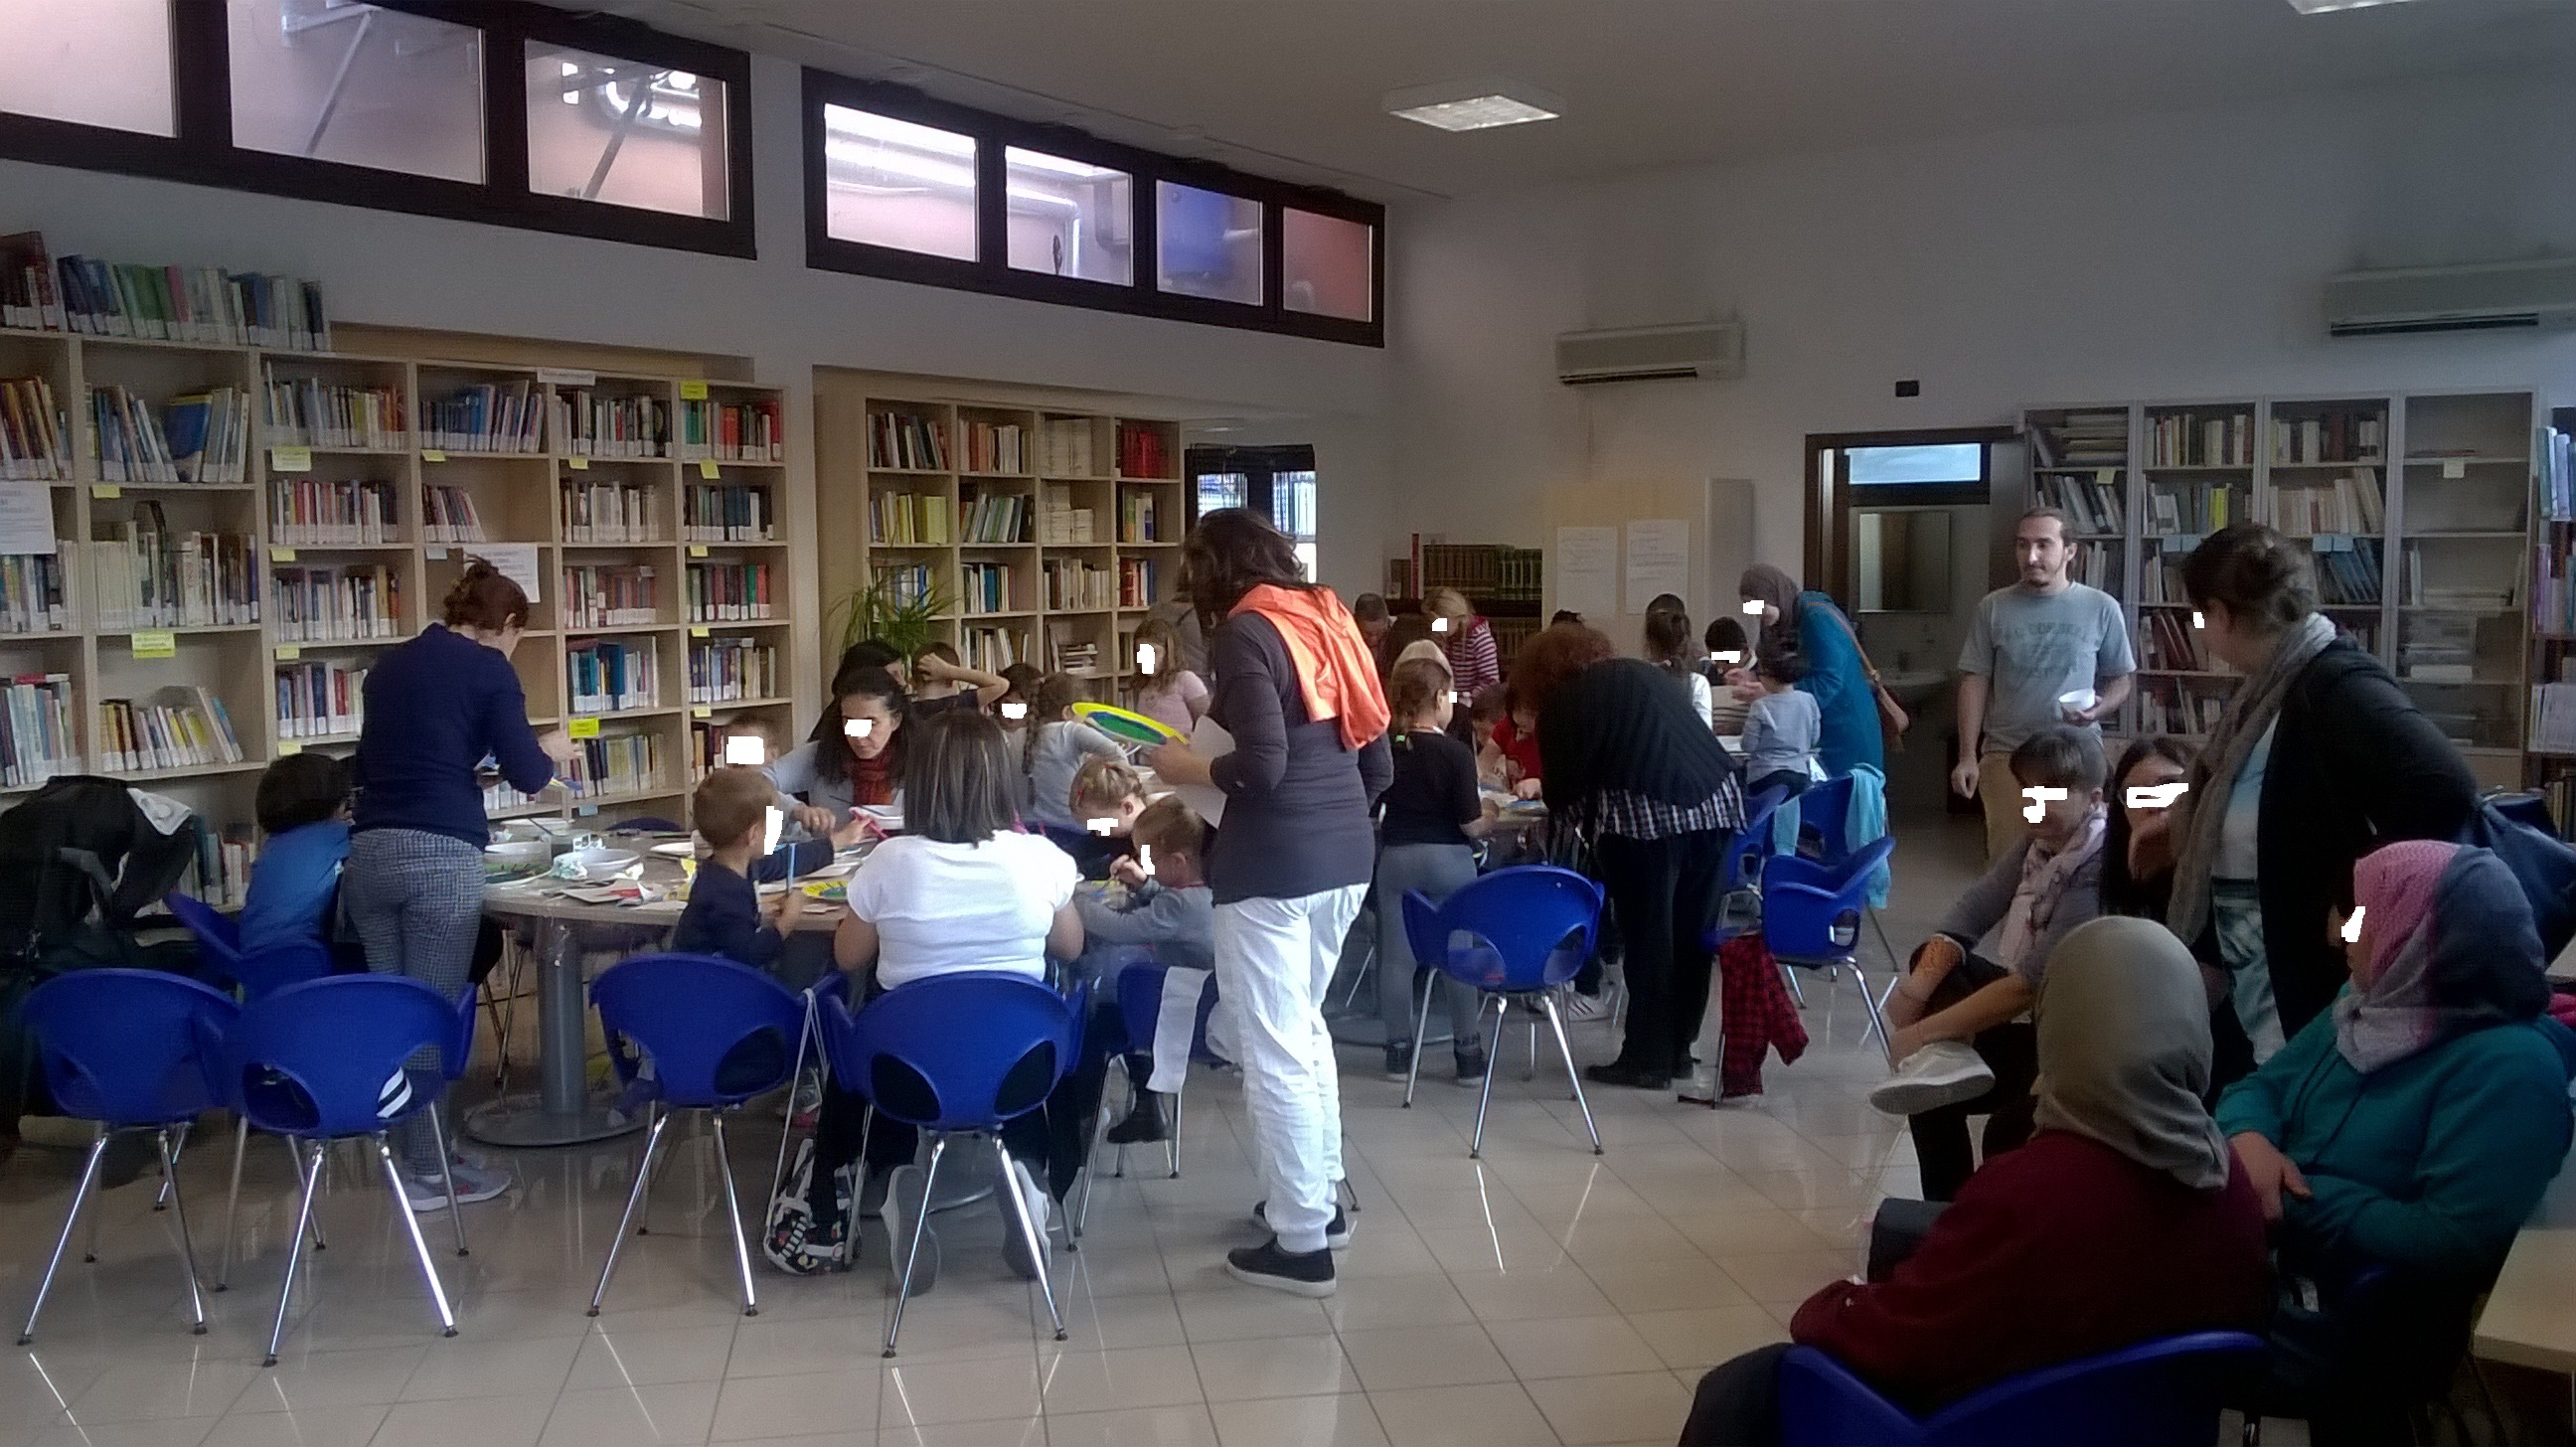 Crescere con i libri: le attività dei volontari Auser alla Biblioteca di Savigno